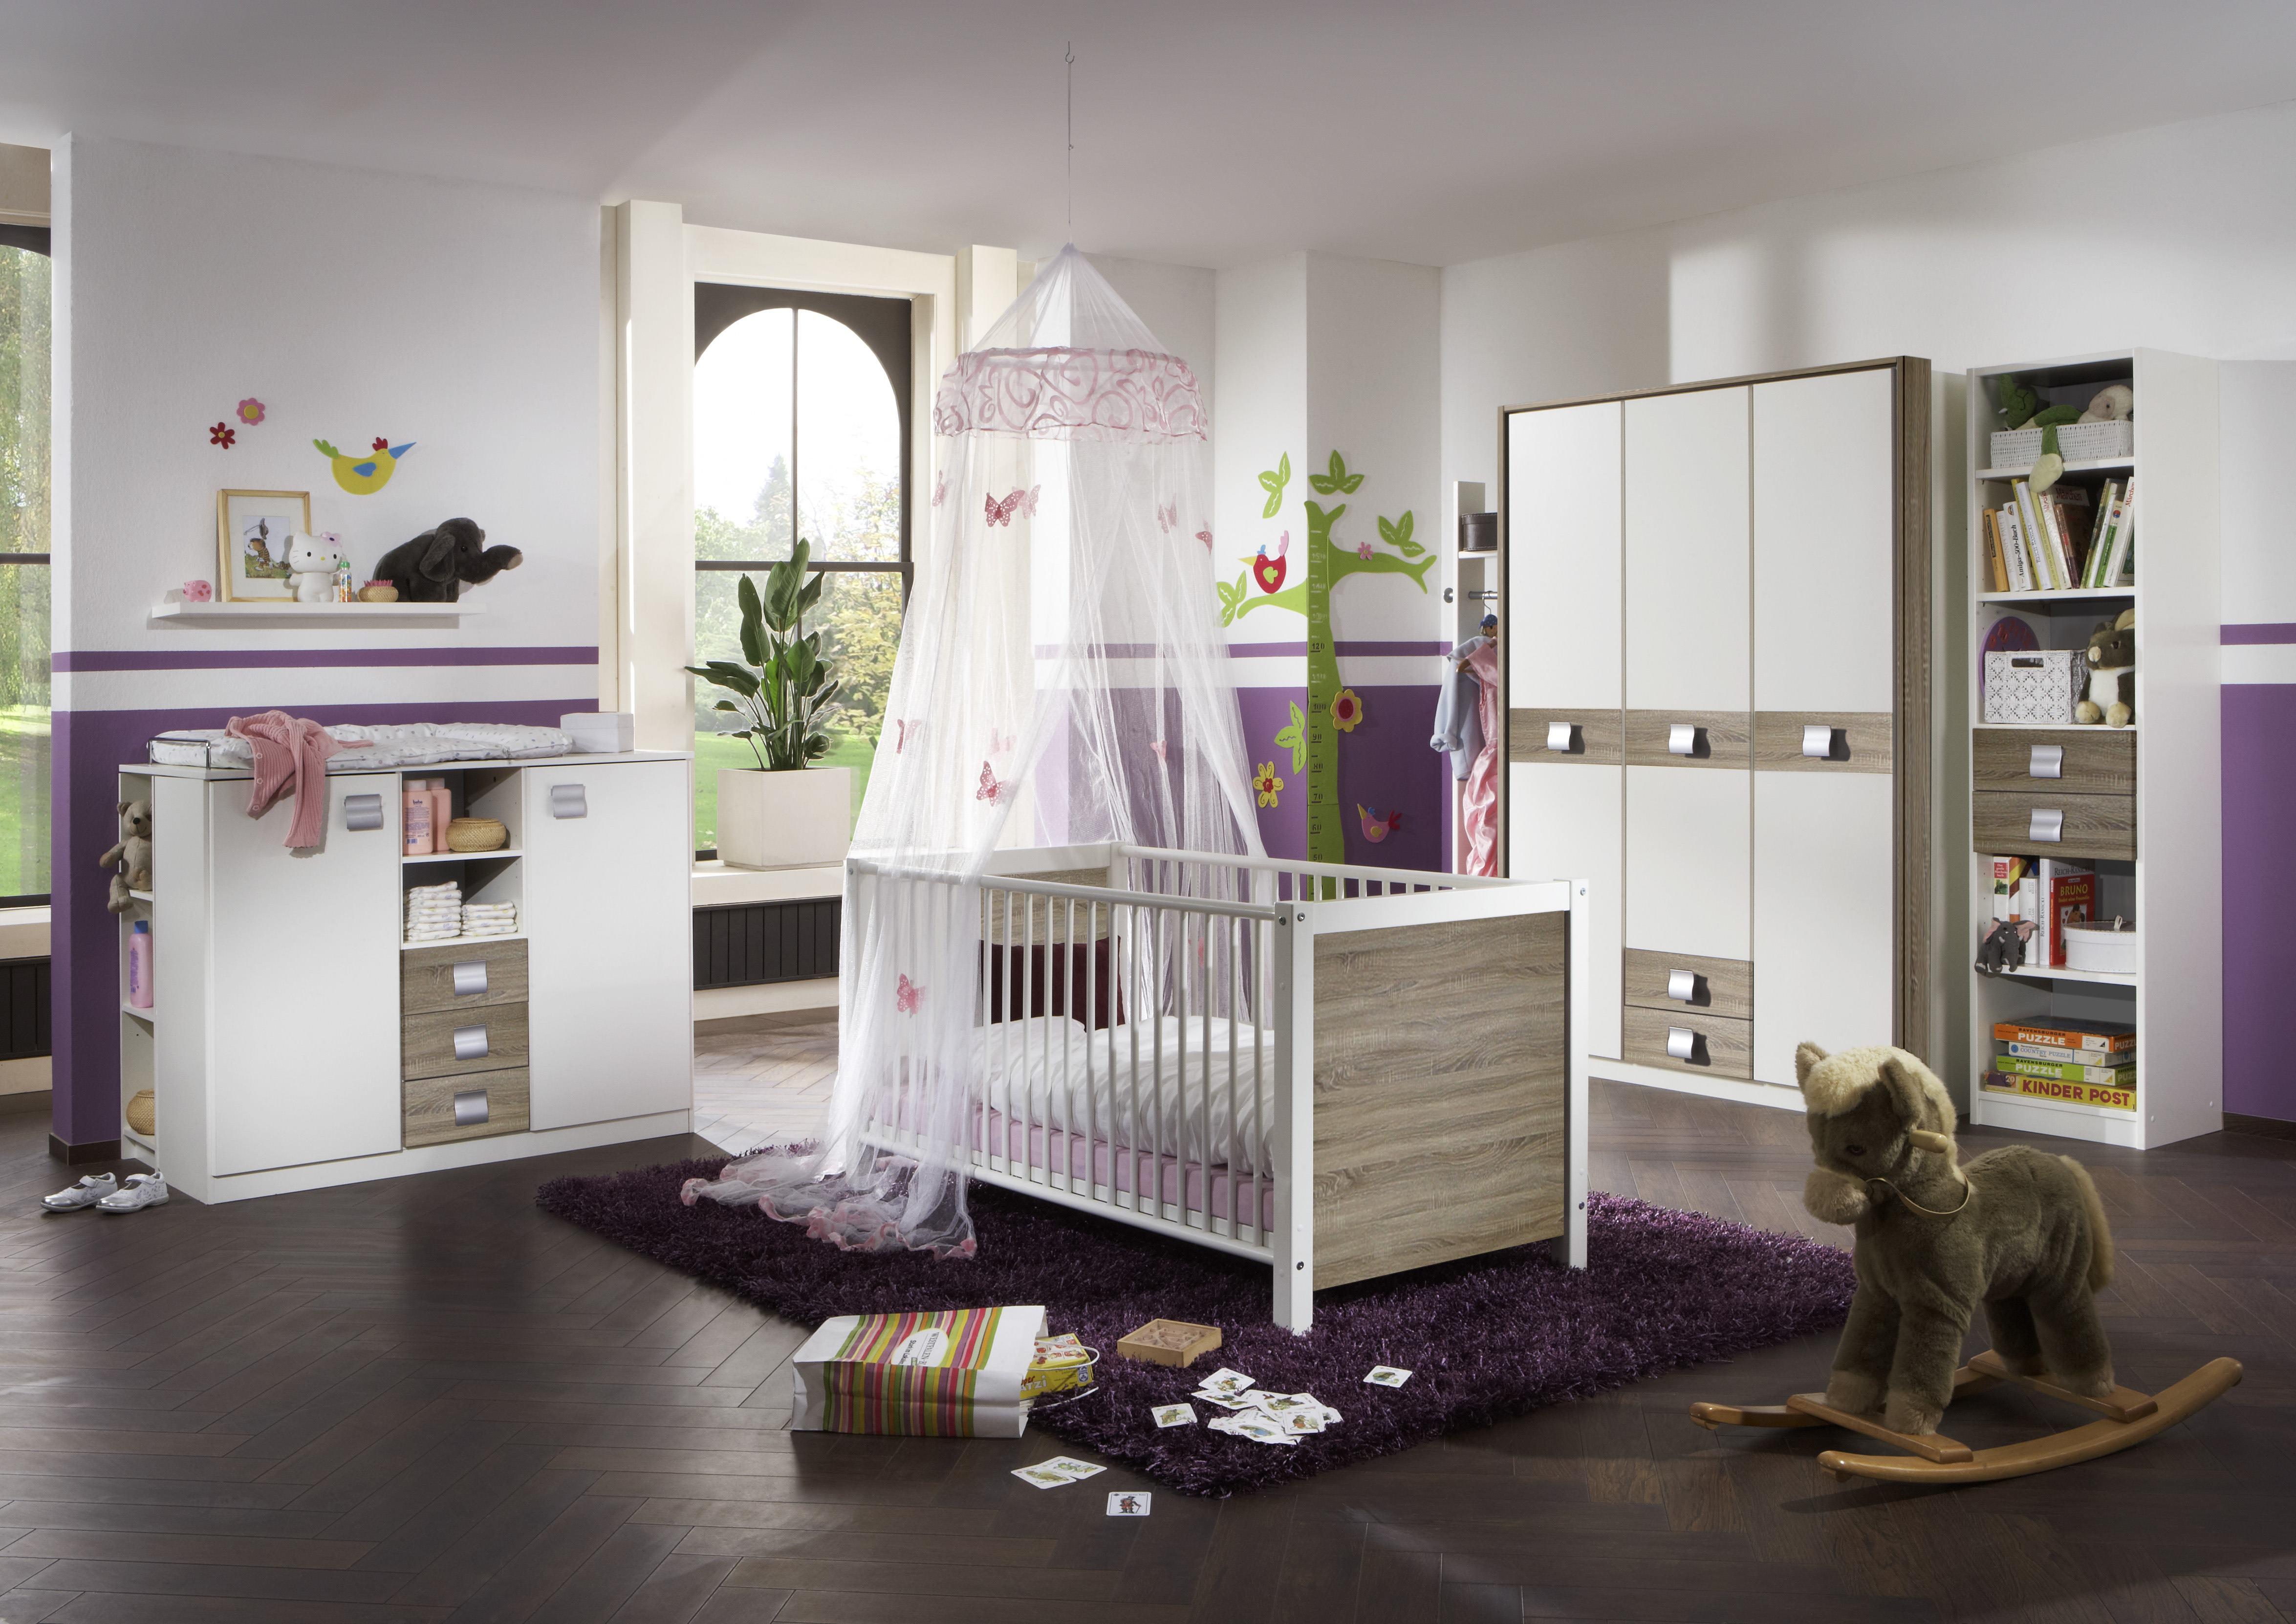 Babyzimmer Set Jalta 5tlg Bett Wickelkommode Schrank Regal Eiche